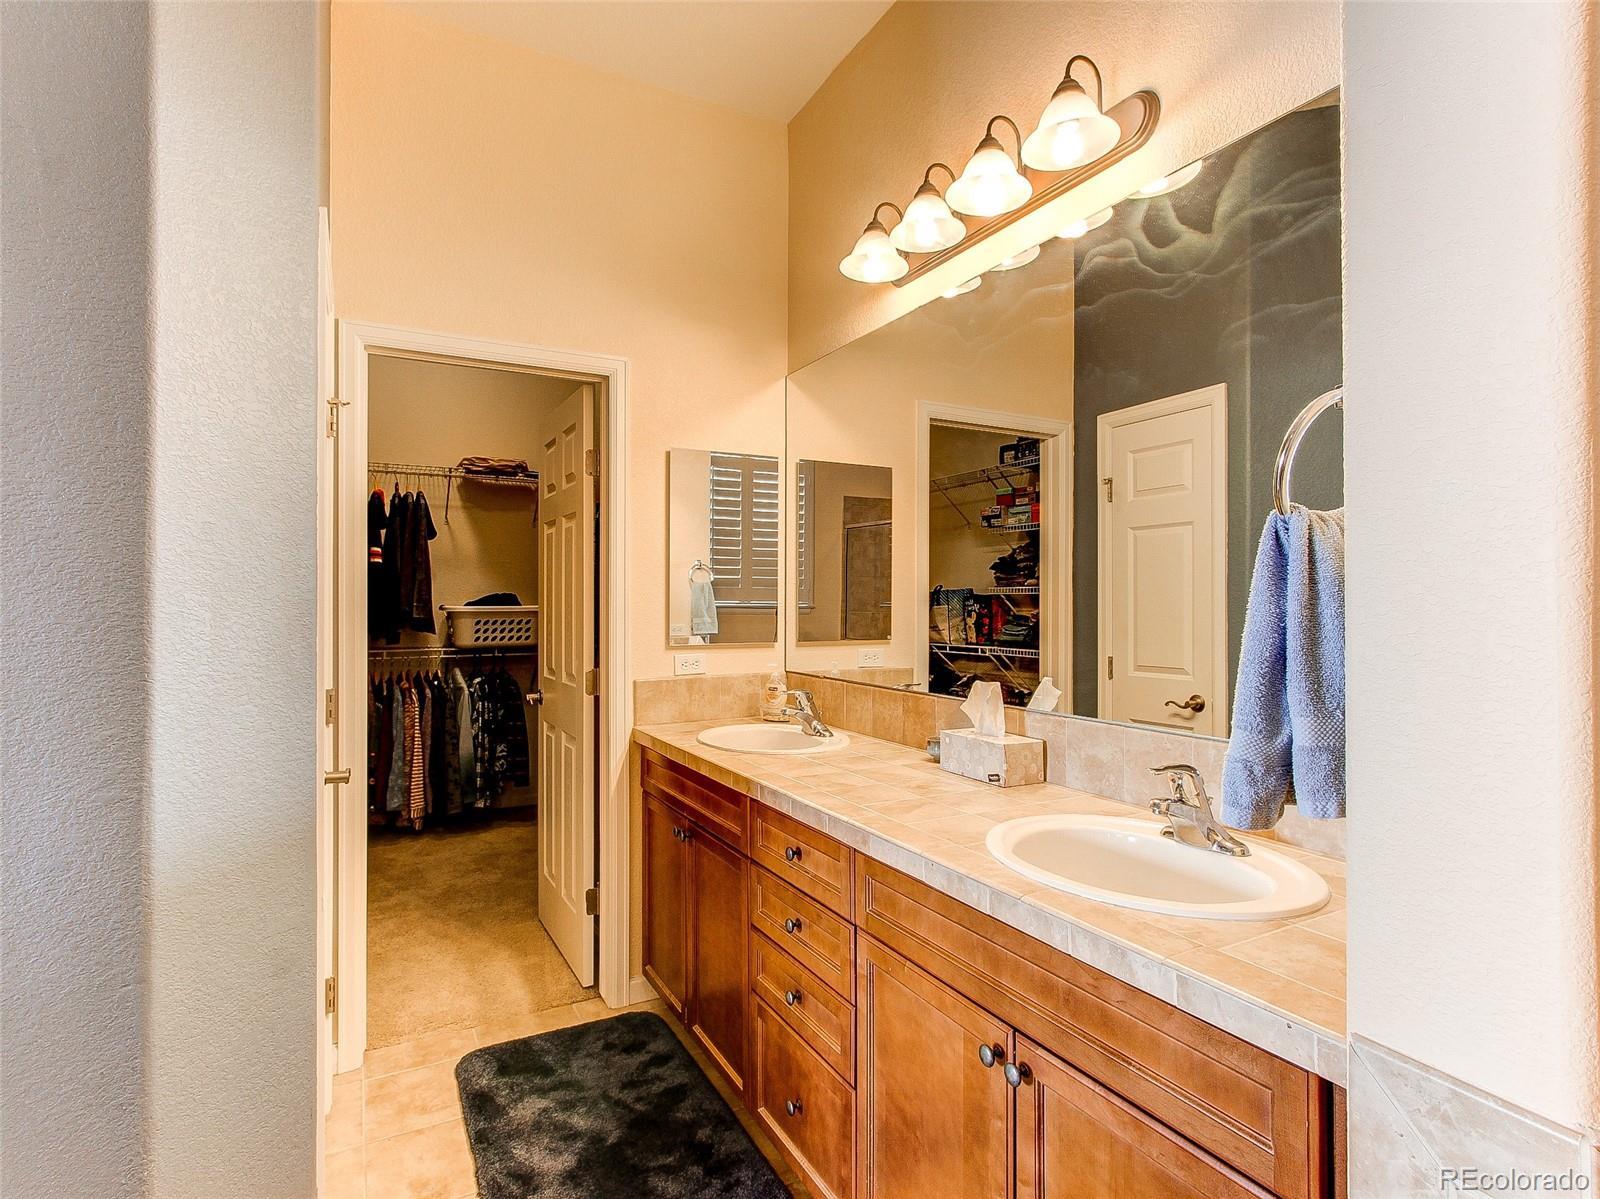 MLS# 8187086 - 15 - 2042 Gypsy Moth Court, Castle Rock, CO 80109